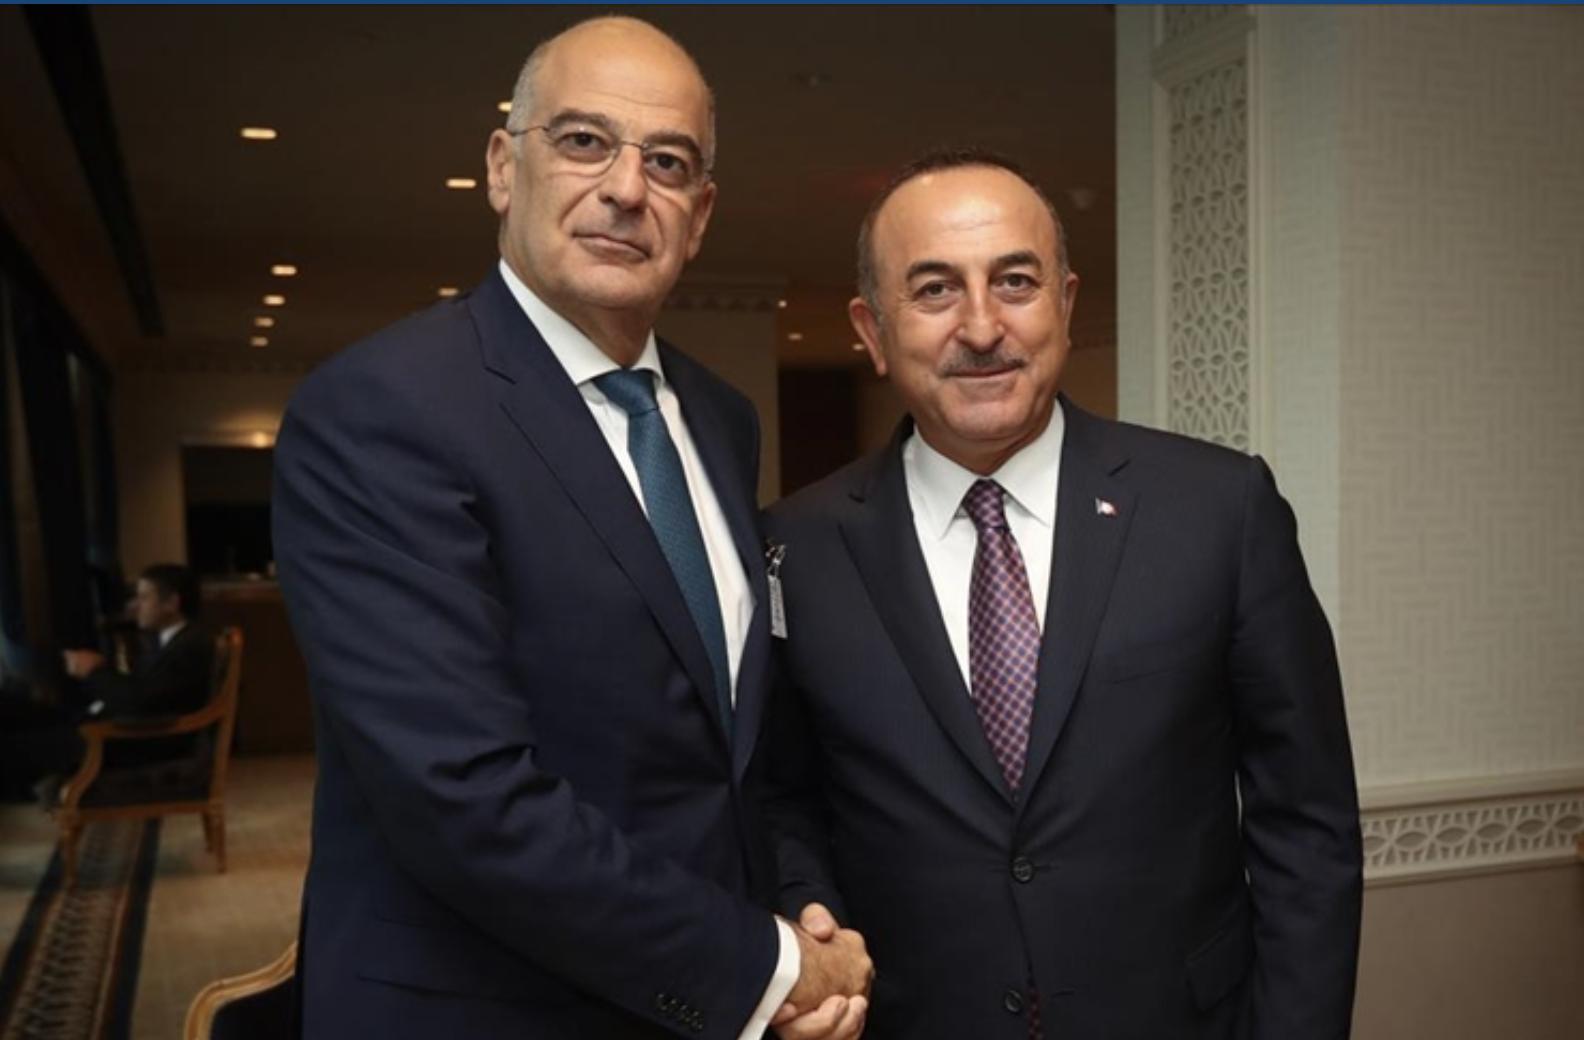 Turkey: Dendias to meet with Erdogan and Çavuşoğlu in Ankara